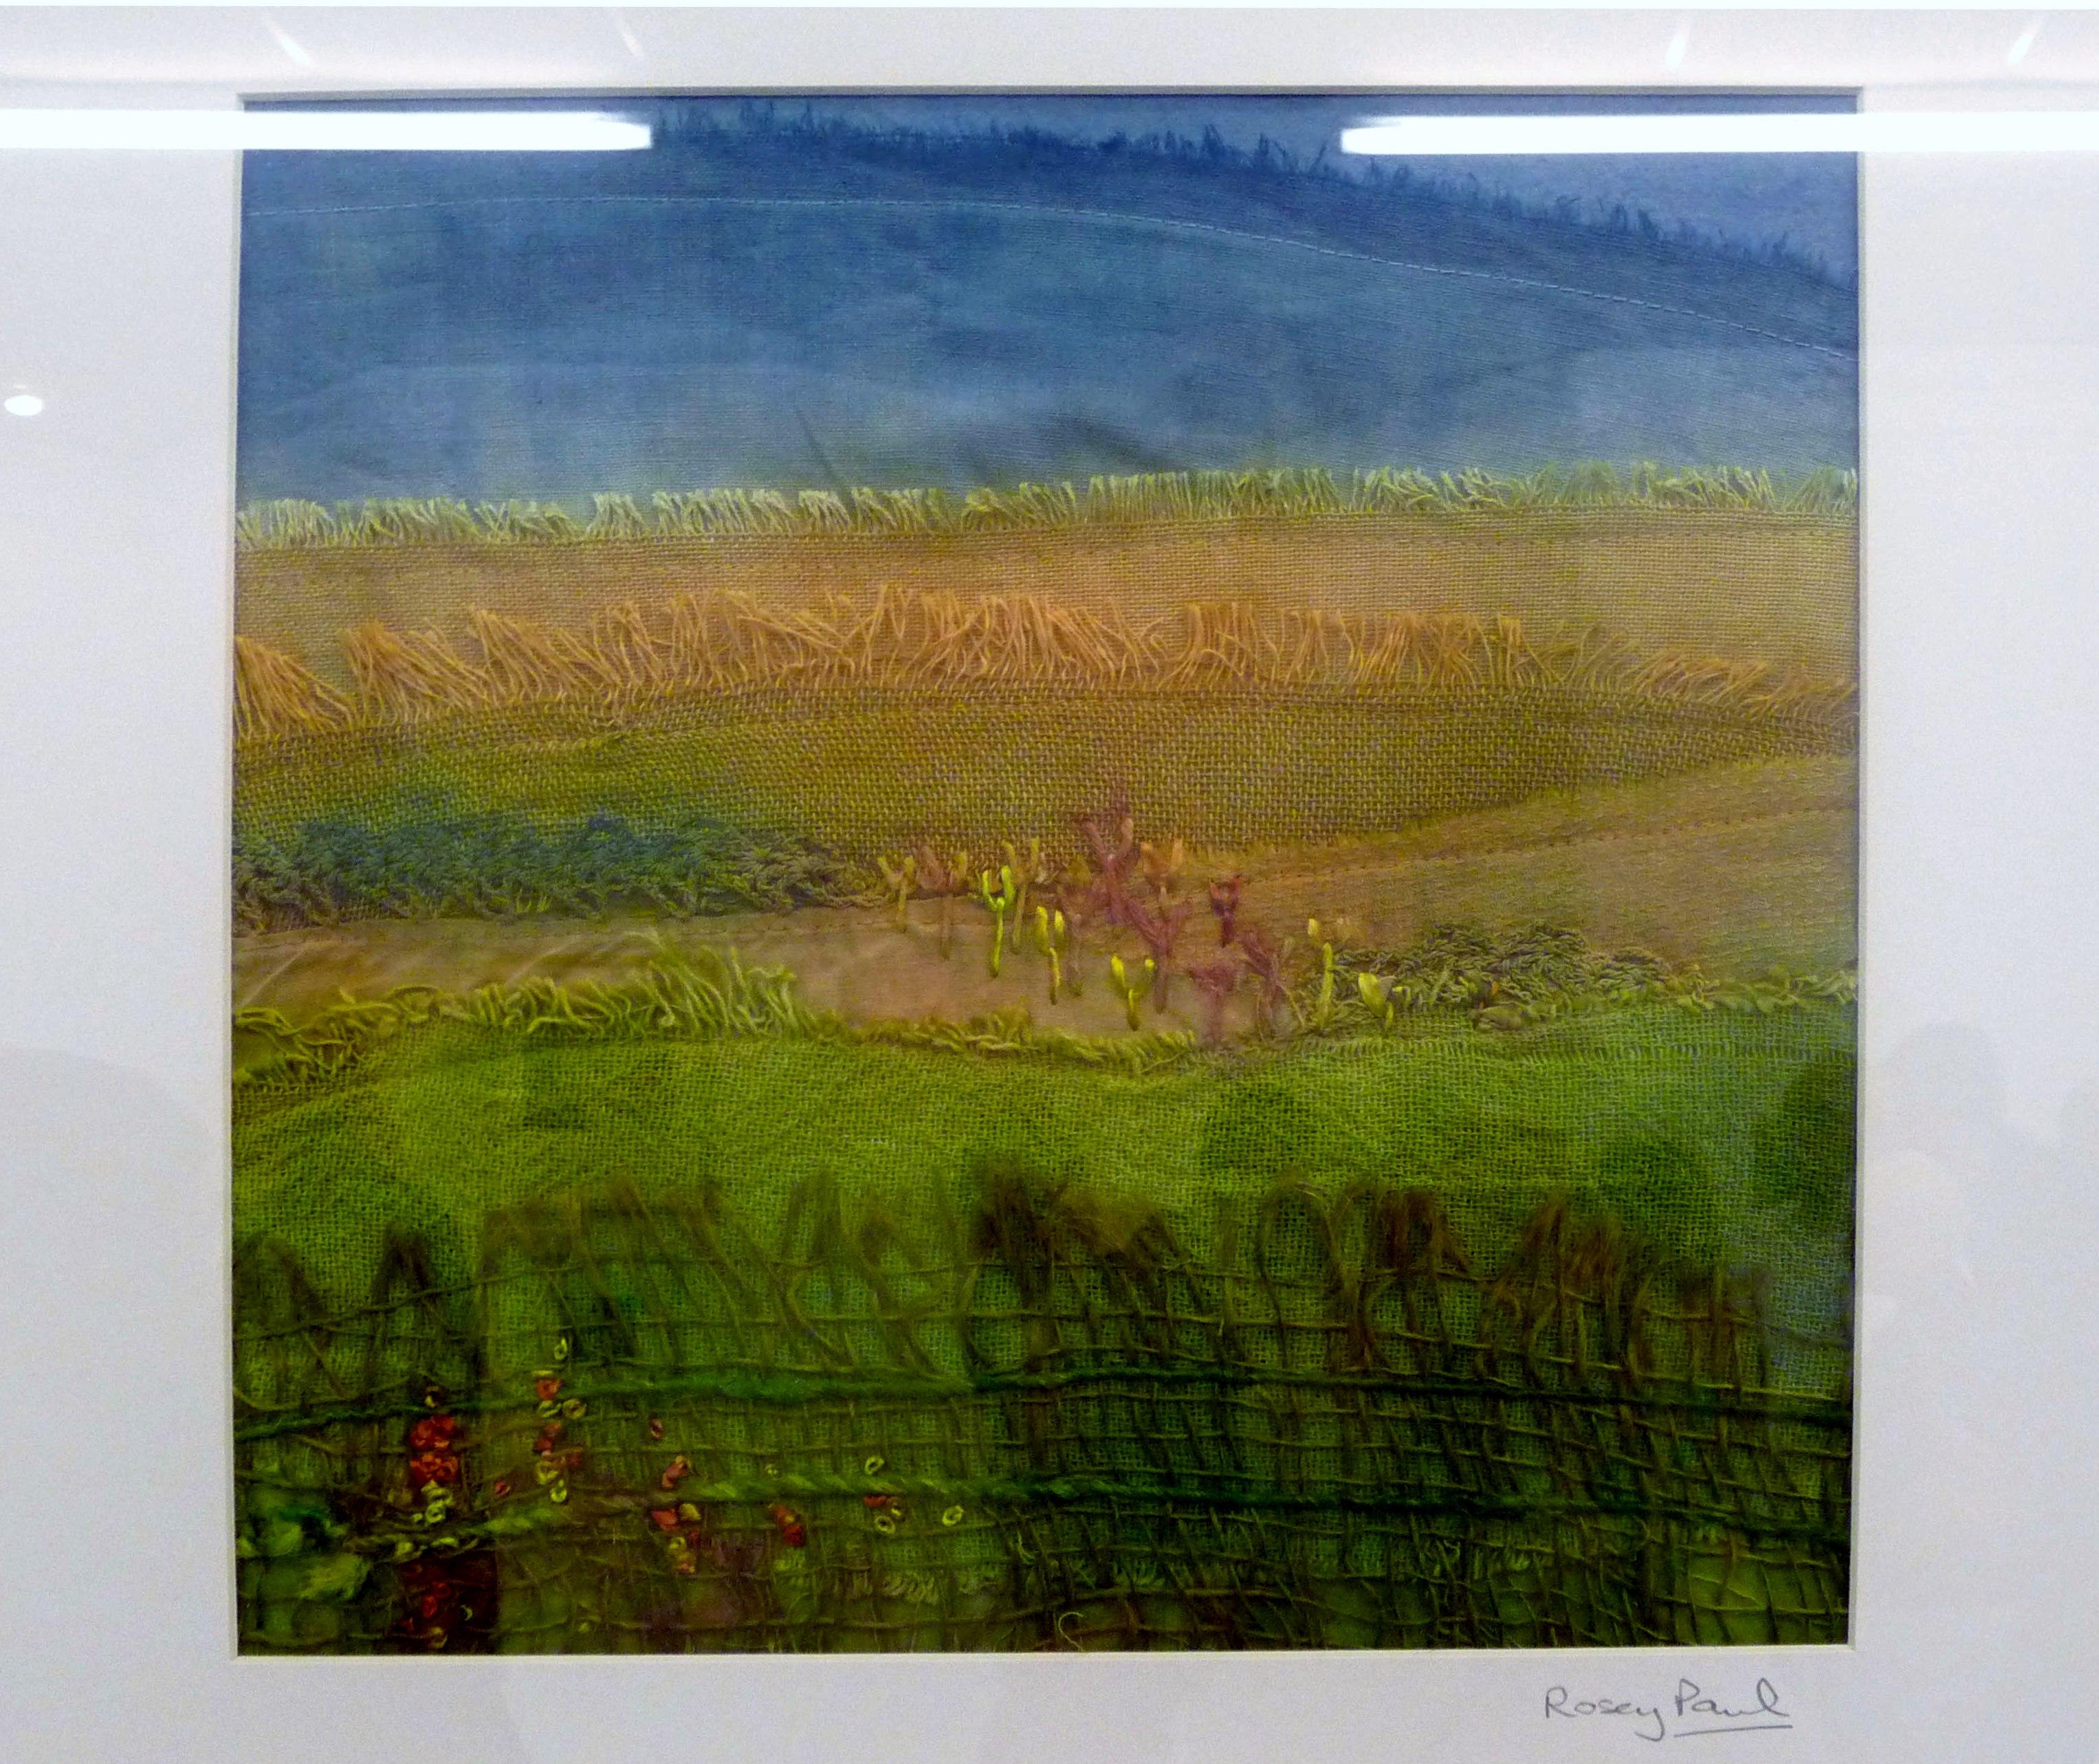 OCHRE FIELDS (i) by Rosey Paul, textile